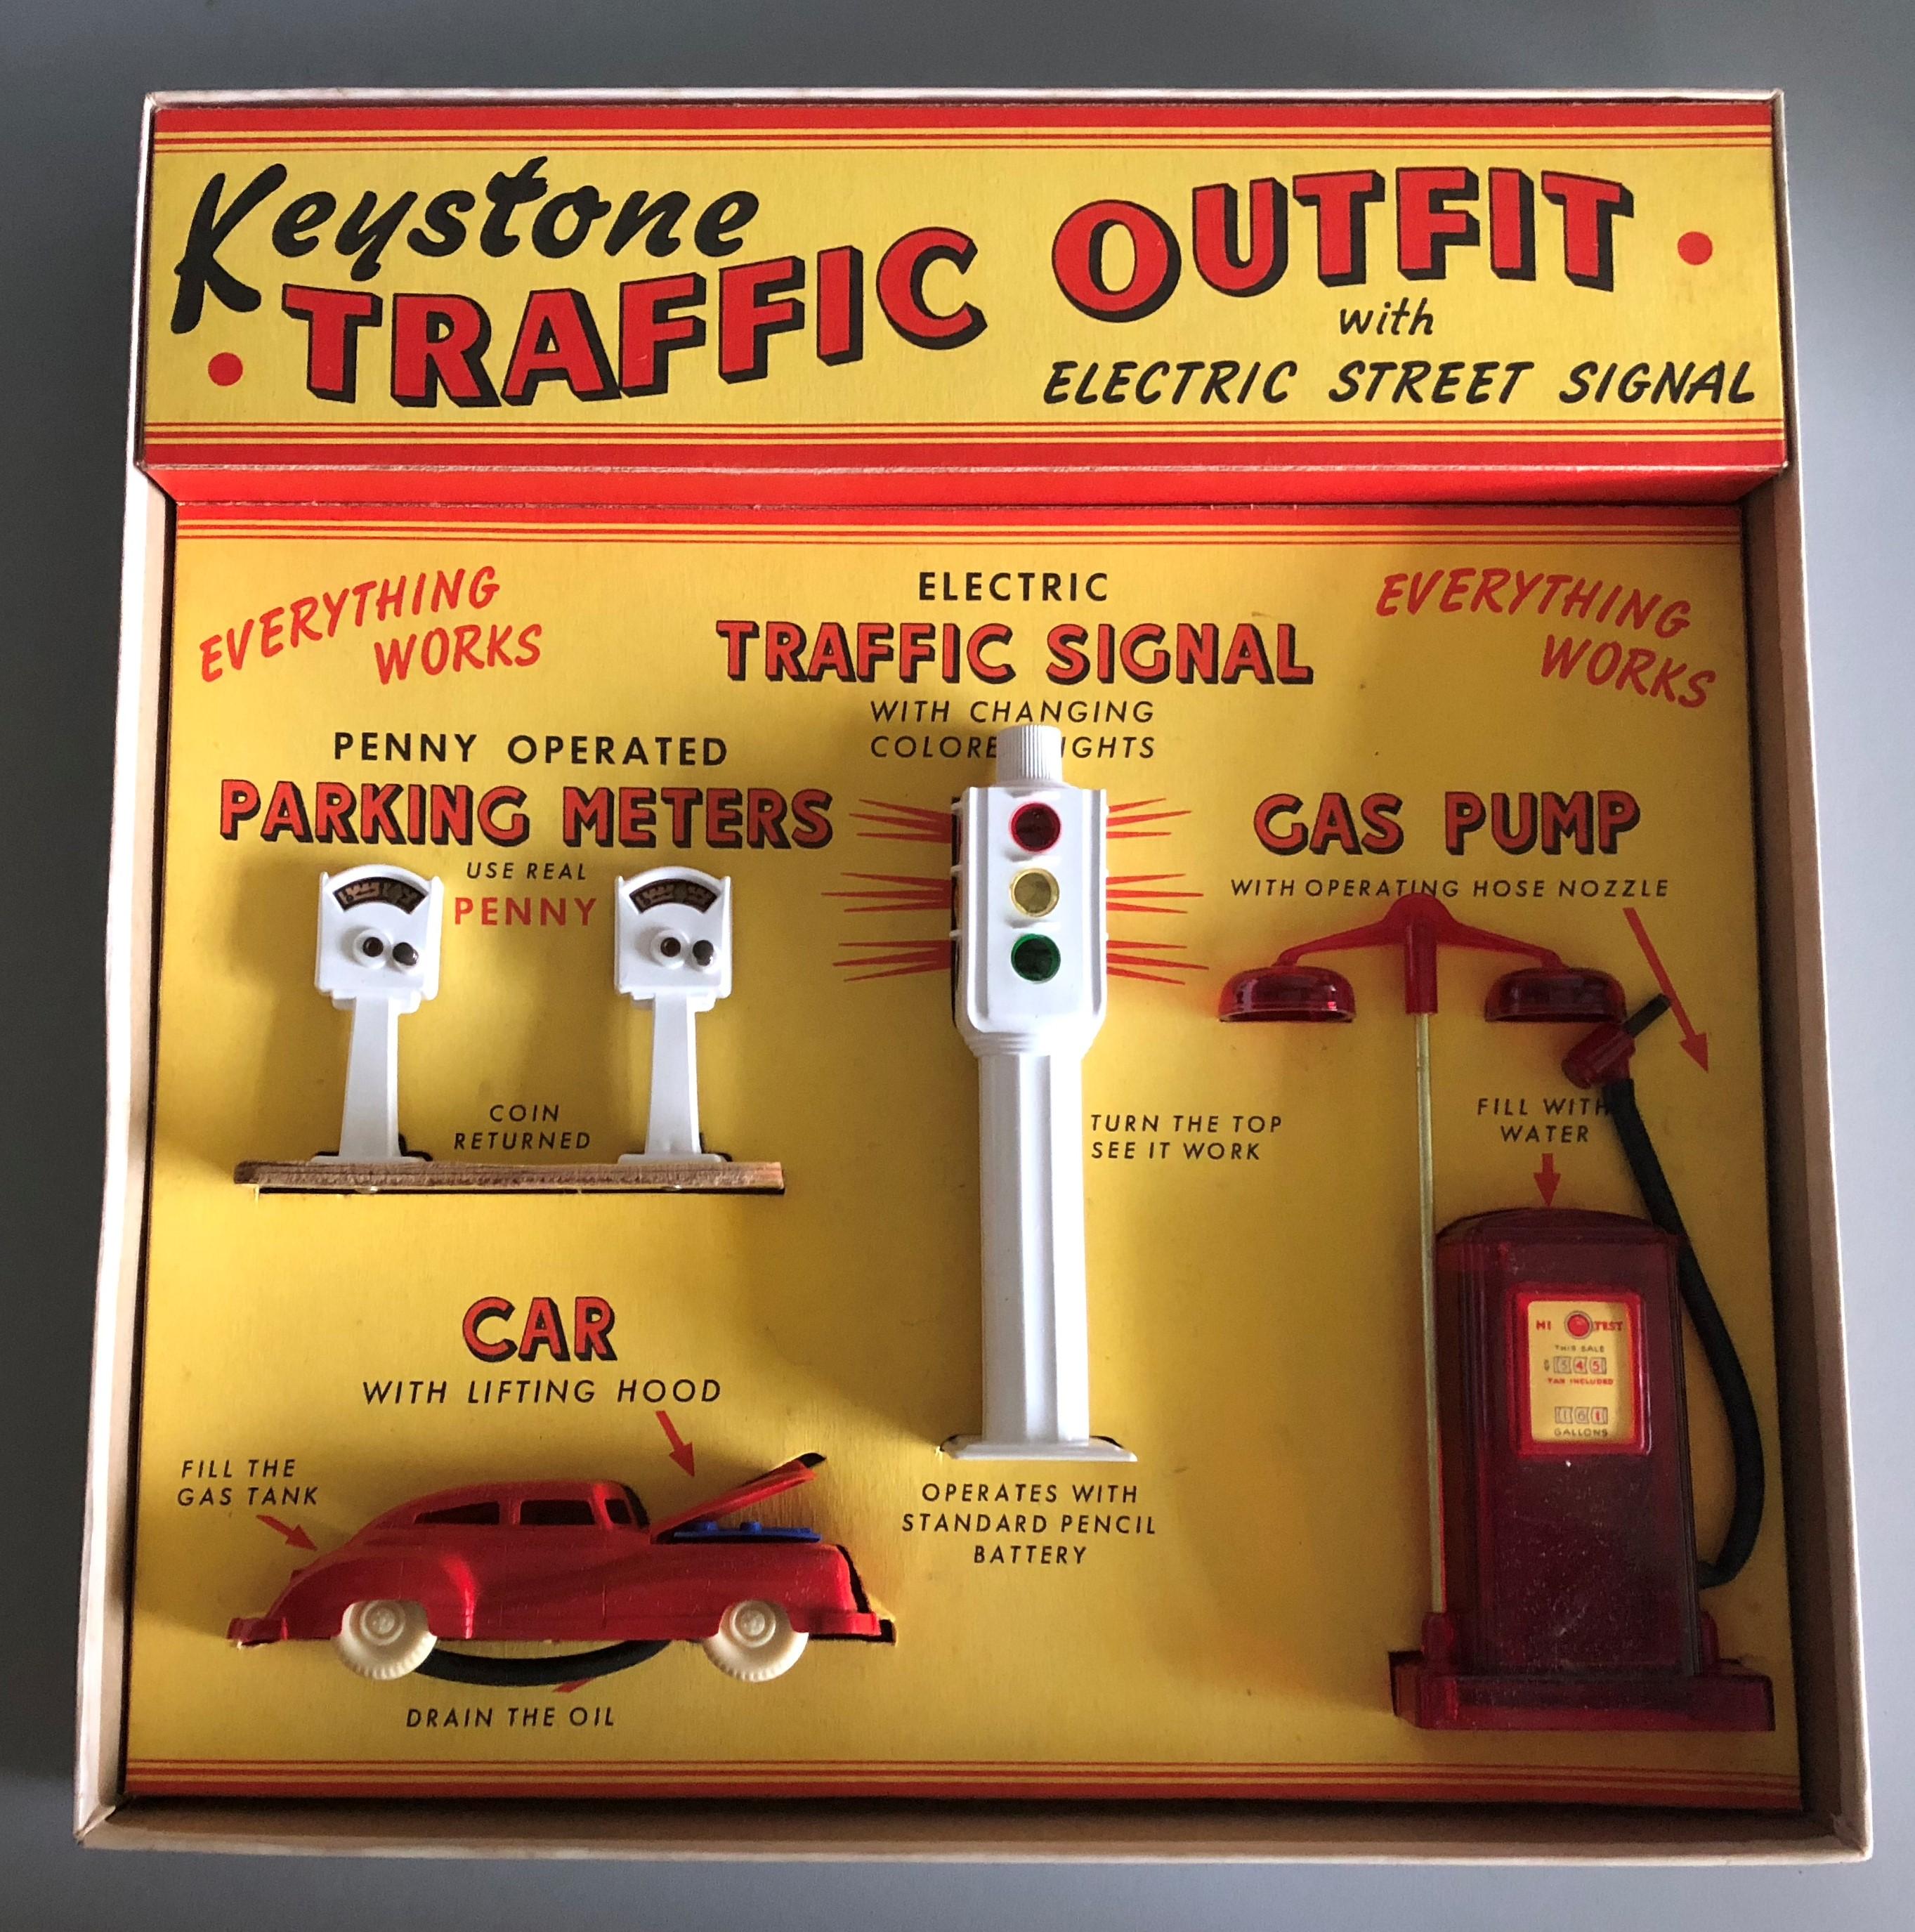 Keystone Traffic Outfit Model # 737